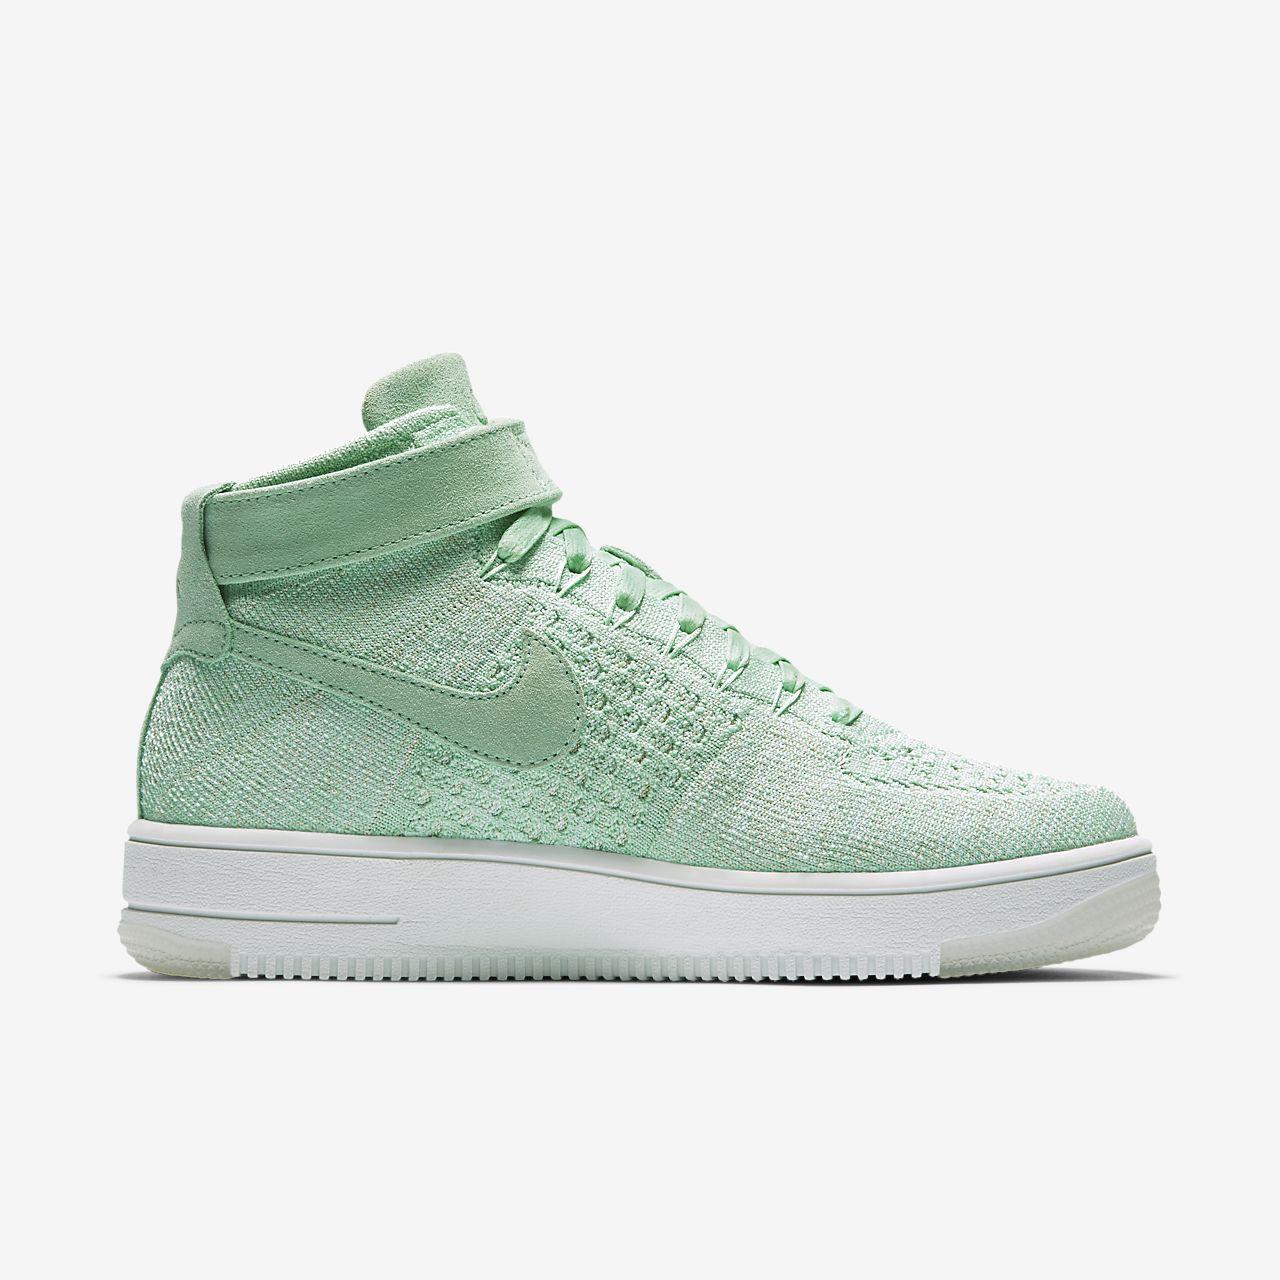 ... Nike Air Force 1 Ultra Flyknit Women\u0027s Shoe